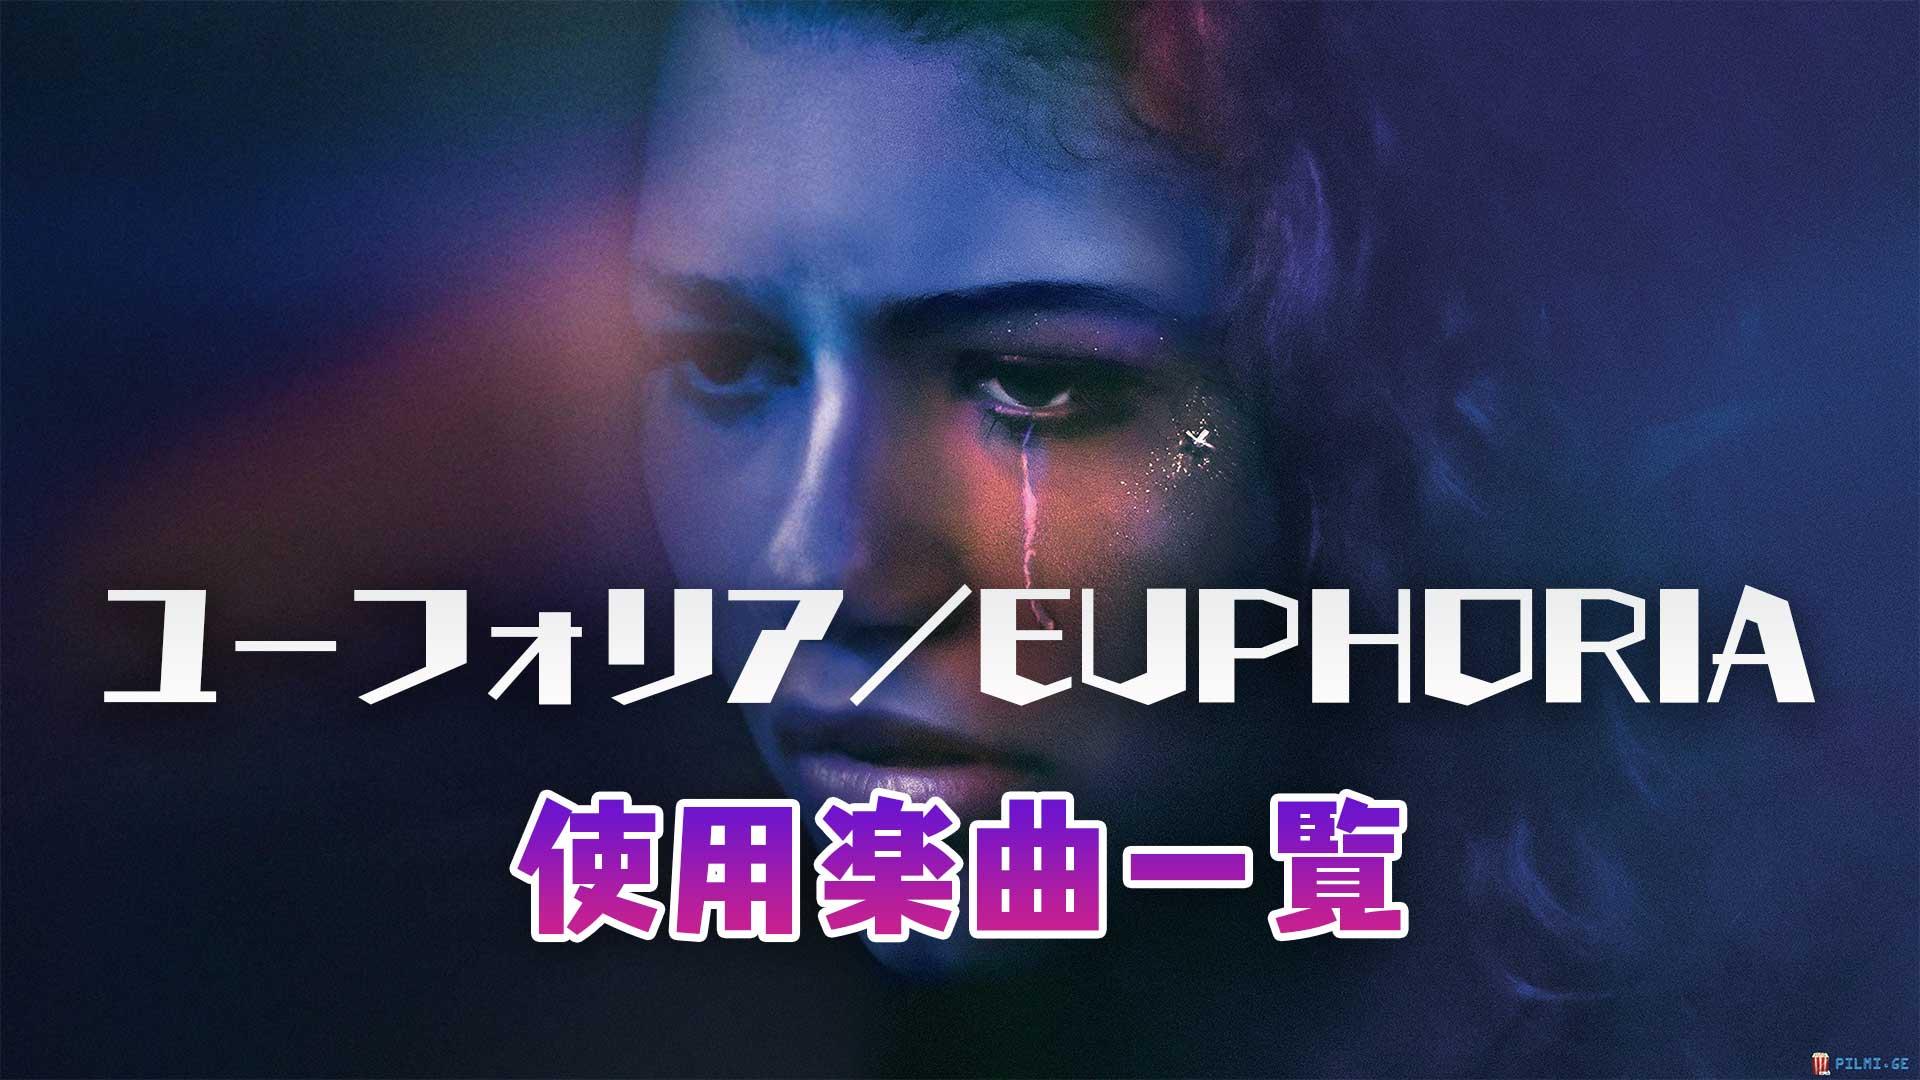 ユーフォリア/EUPHORIA